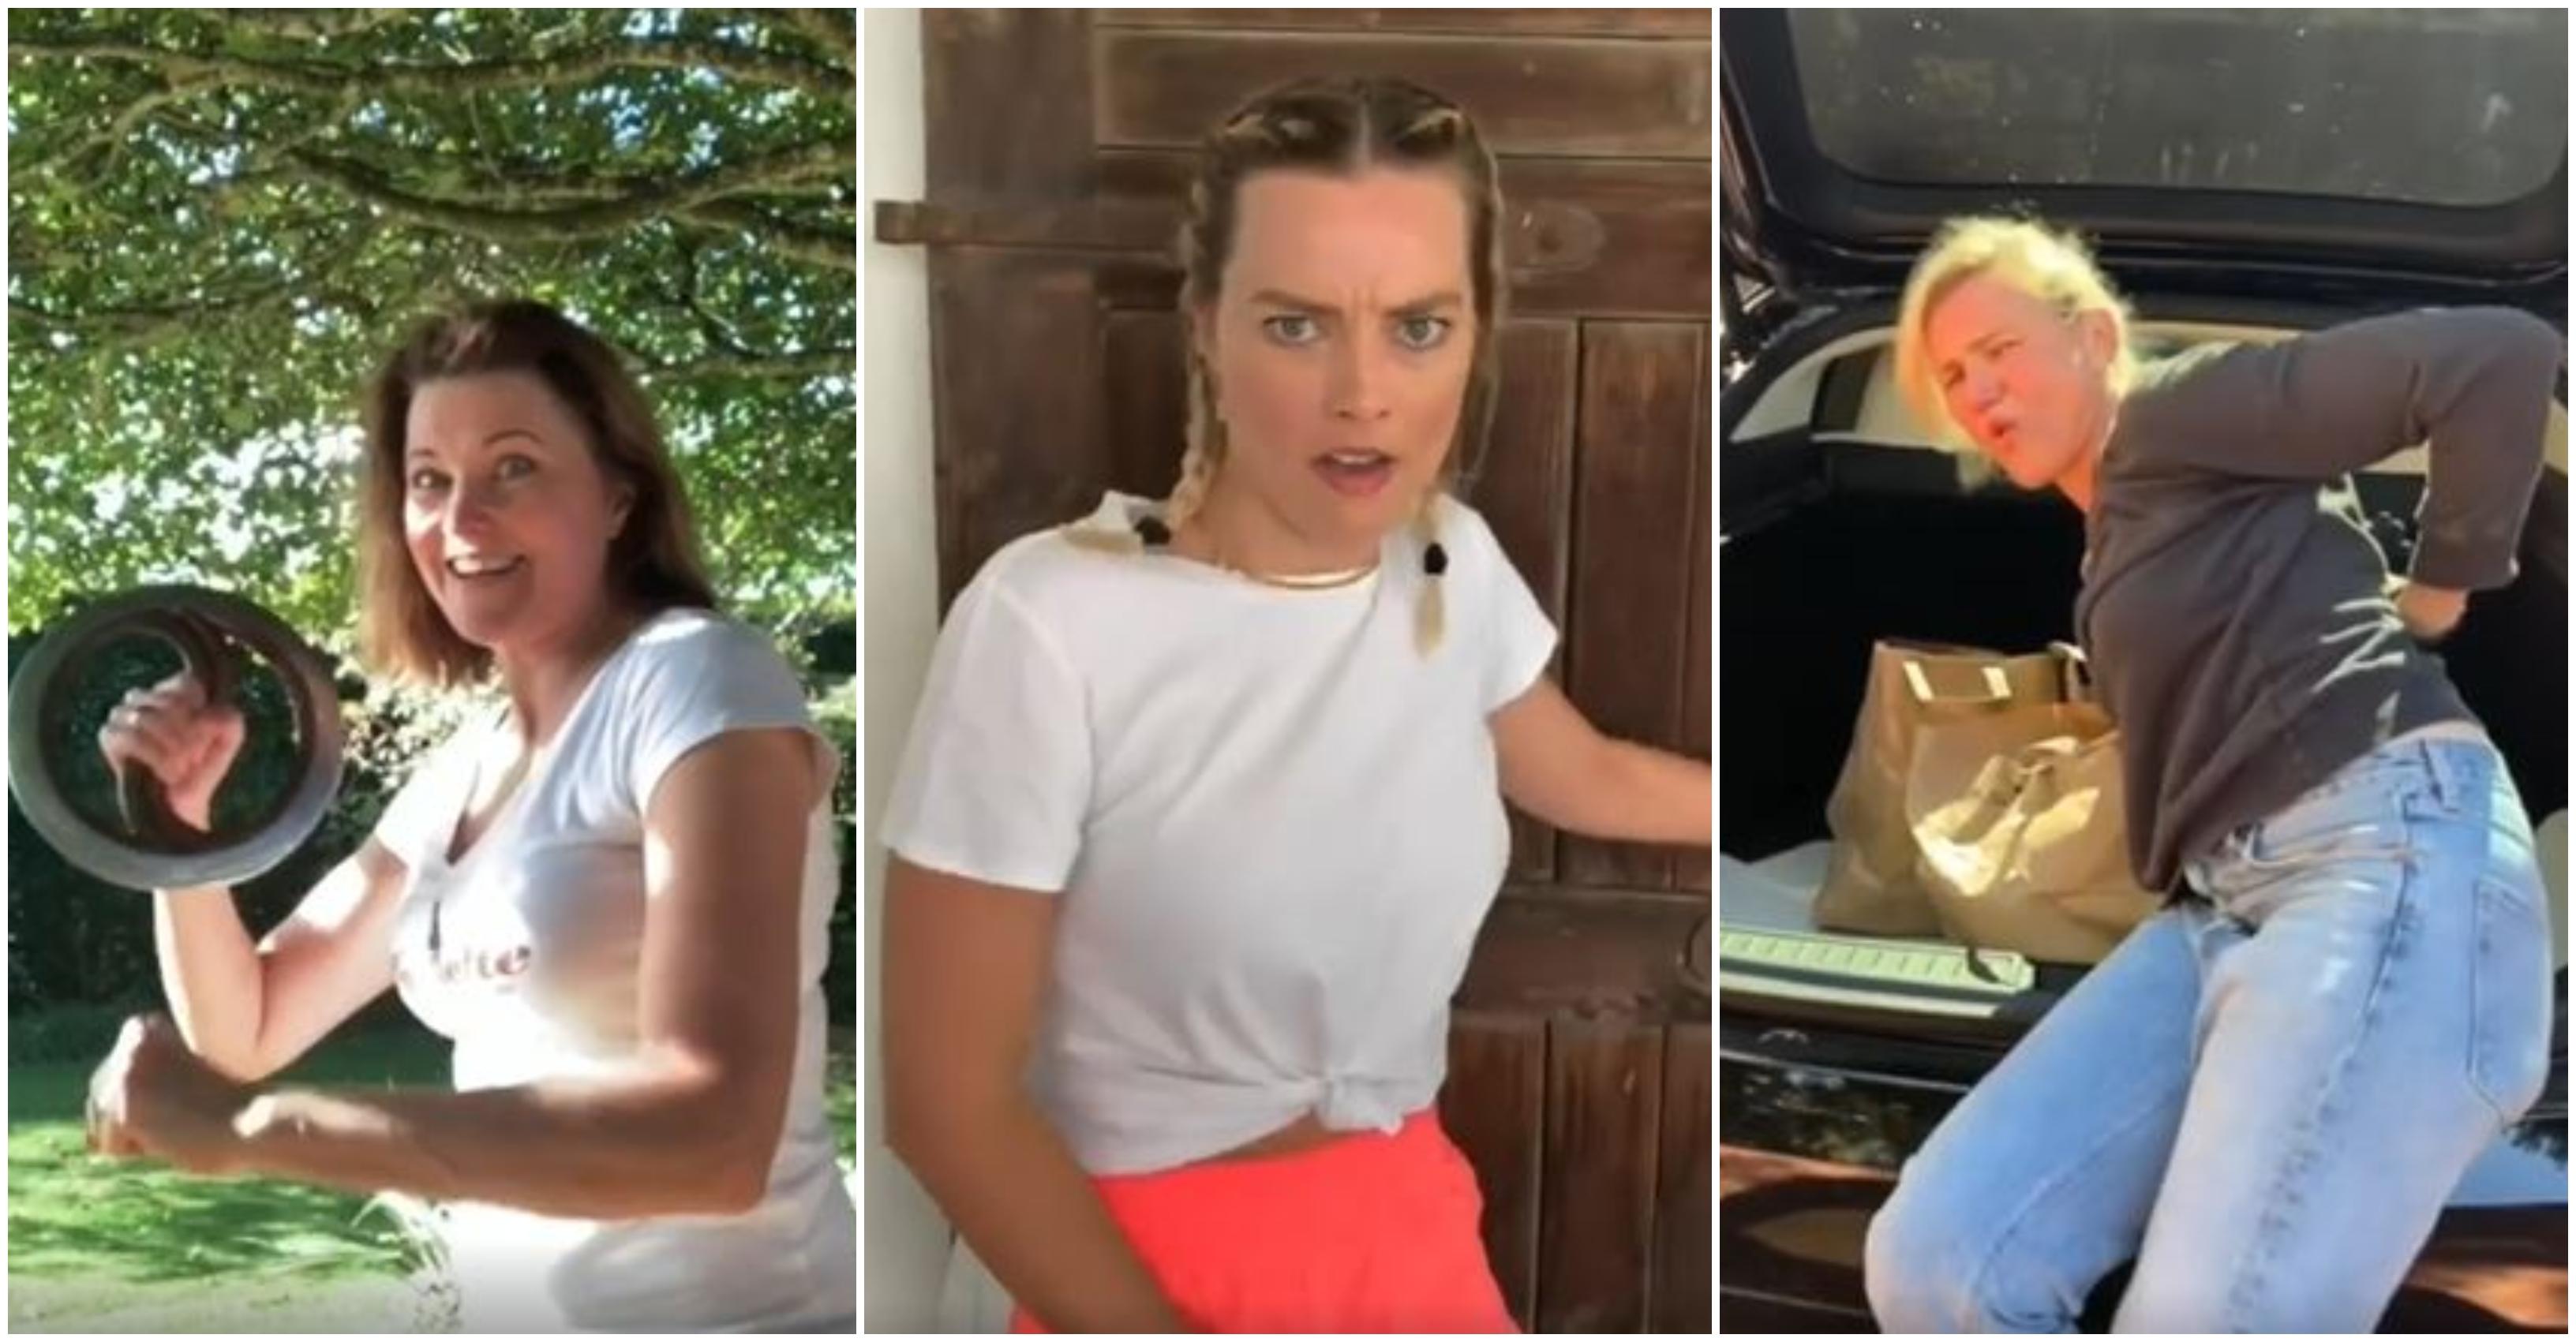 La mega rissa virtuale riunisce alcune famose attrici di Hollywood a suon di calci e pugni [VIDEO]